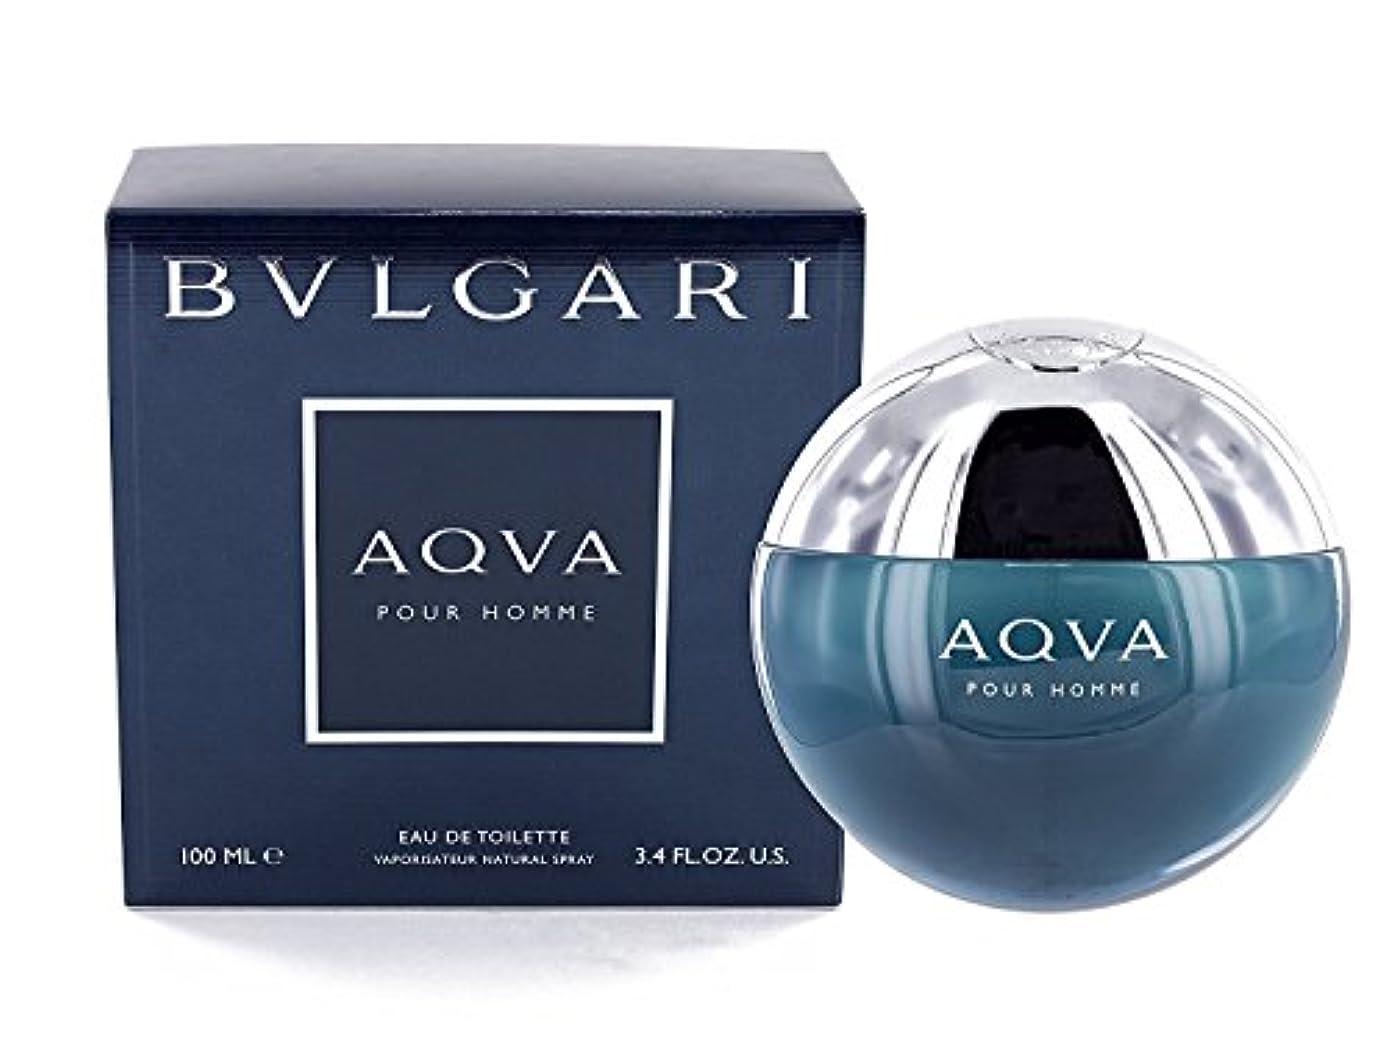 平均有限あいまいブルガリ BVLGARI 香水 アクア プールオム ET/SP/100ML 1038-BV-100[並行輸入]